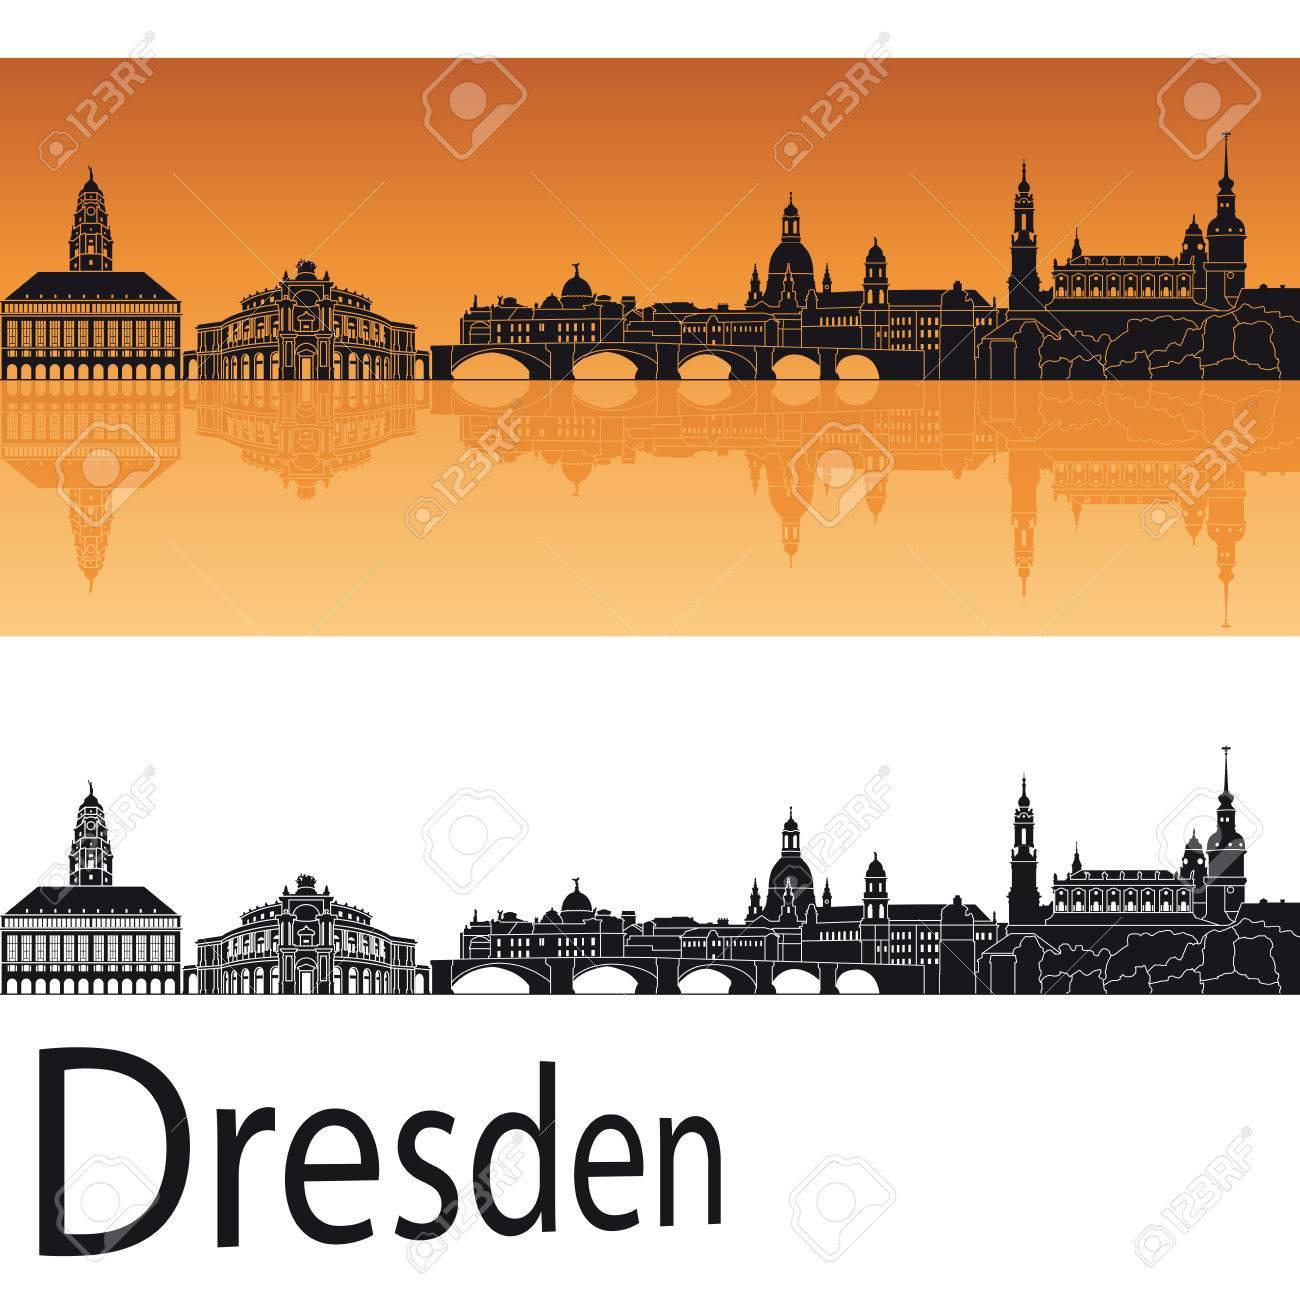 Gewaltig Skyline Dresden Beste Wahl In Orange Background In Editable Vector File